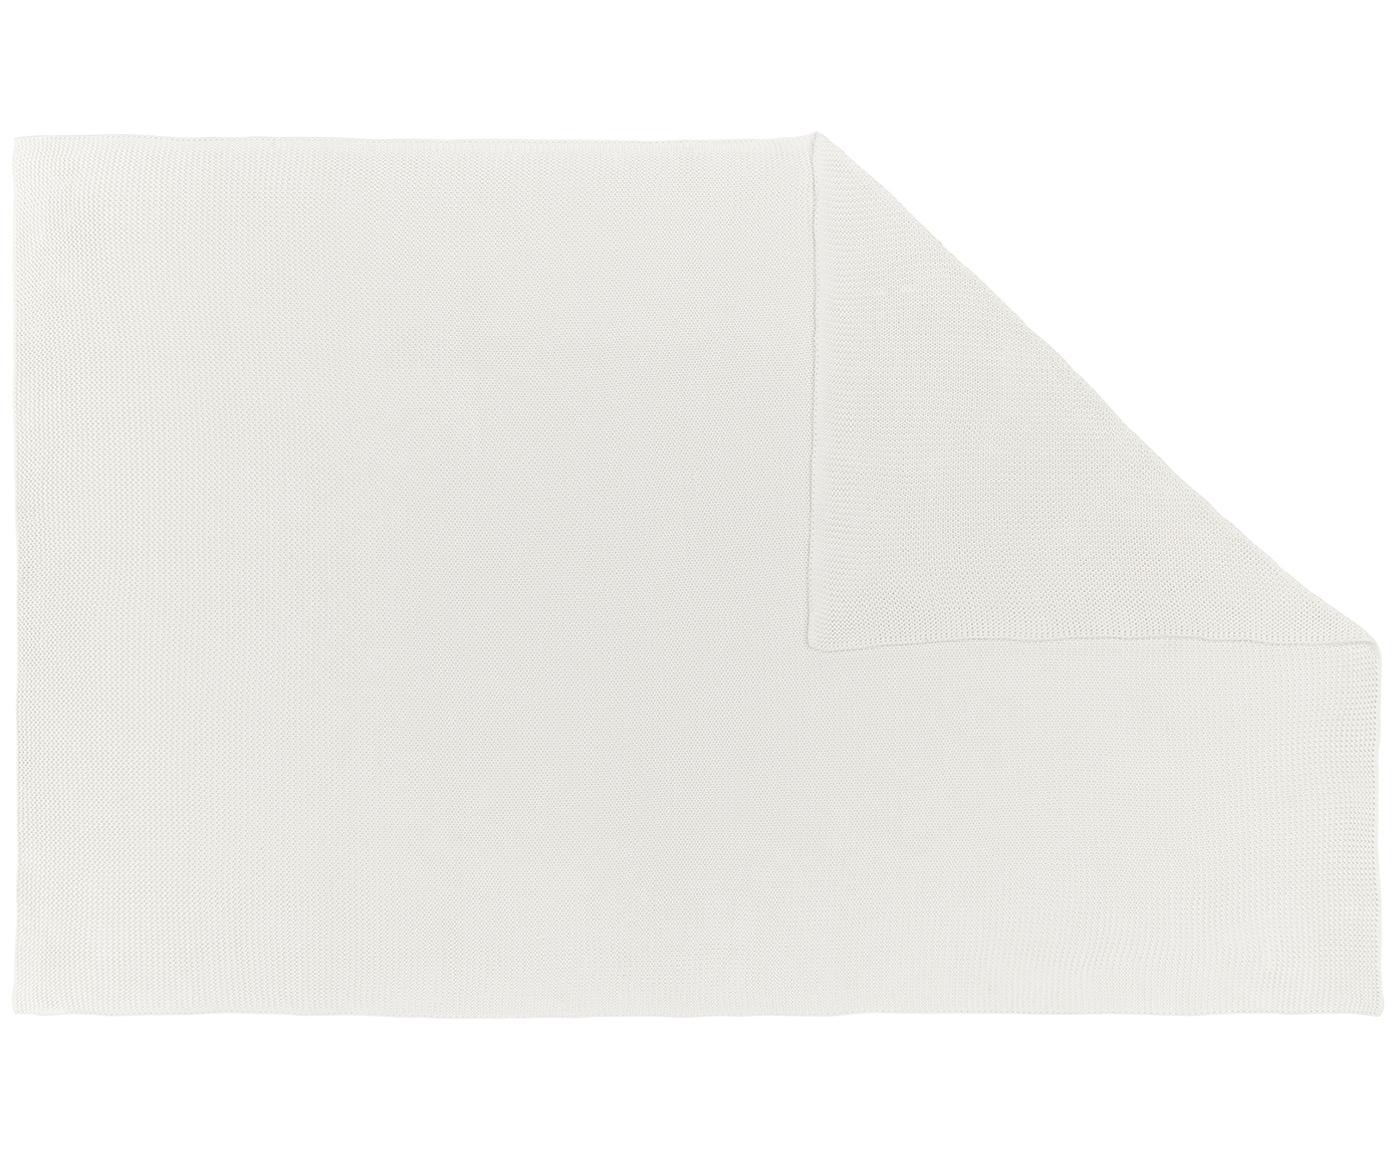 Pled z dzianiny Adalyn, 100% bawełna, Naturalny biały, S 150 x D 200 cm